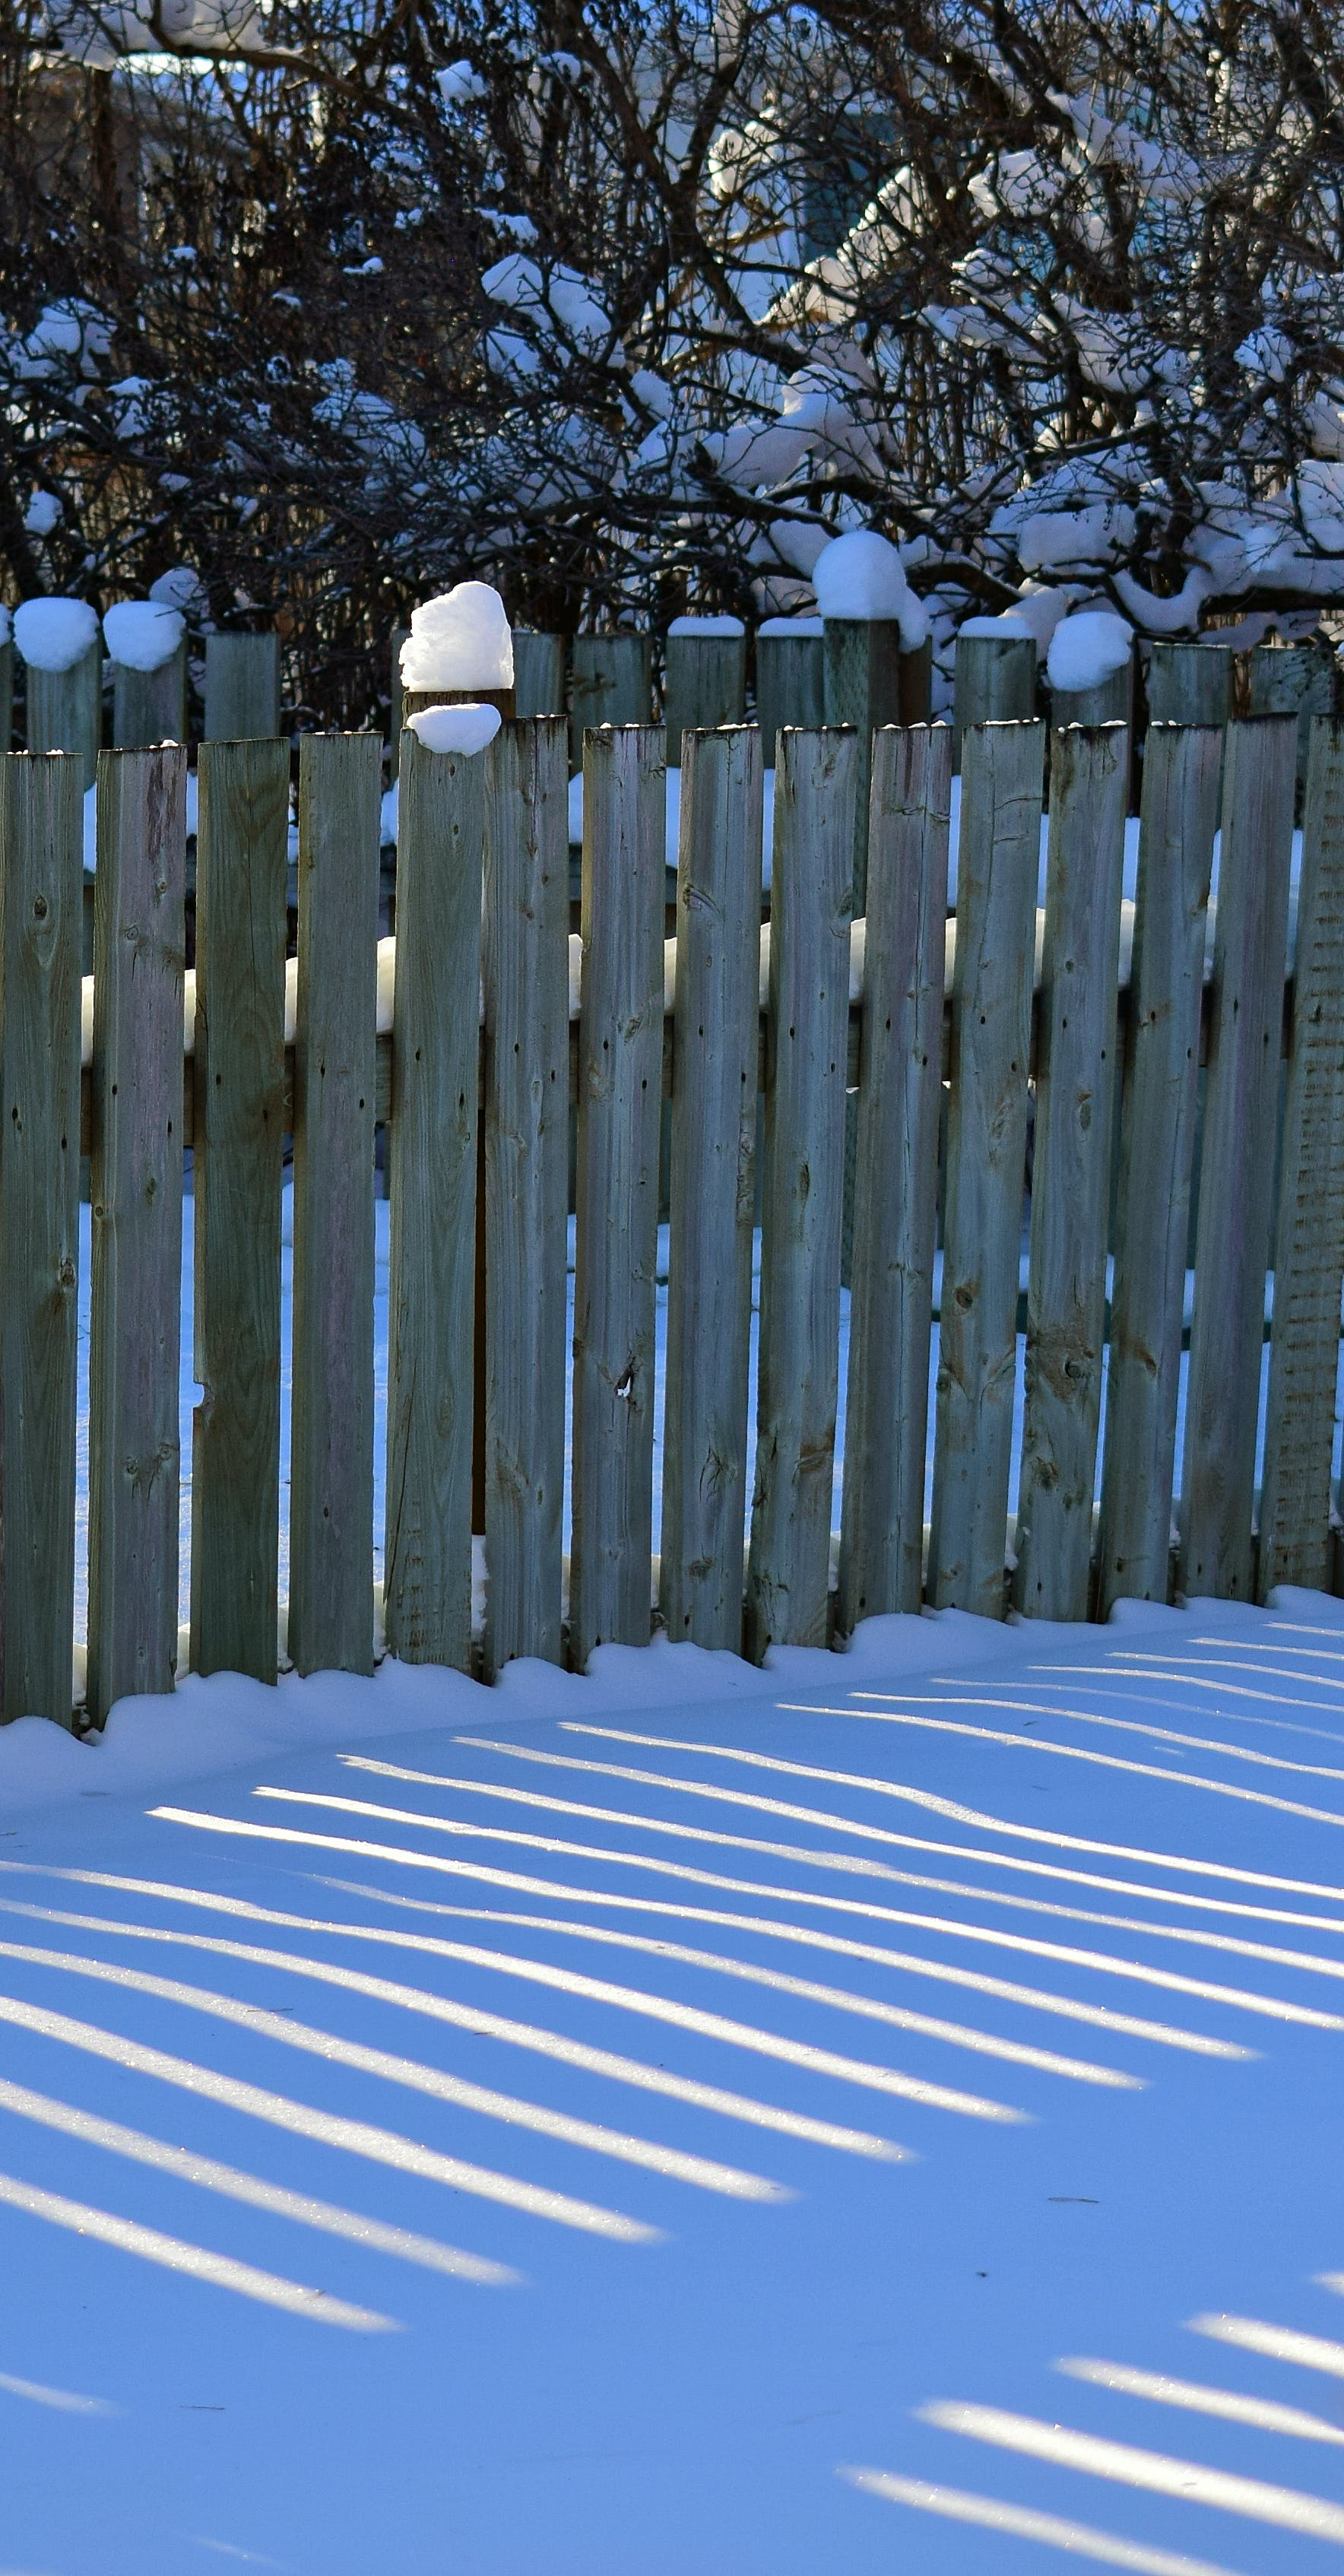 schnee, sonne, winter